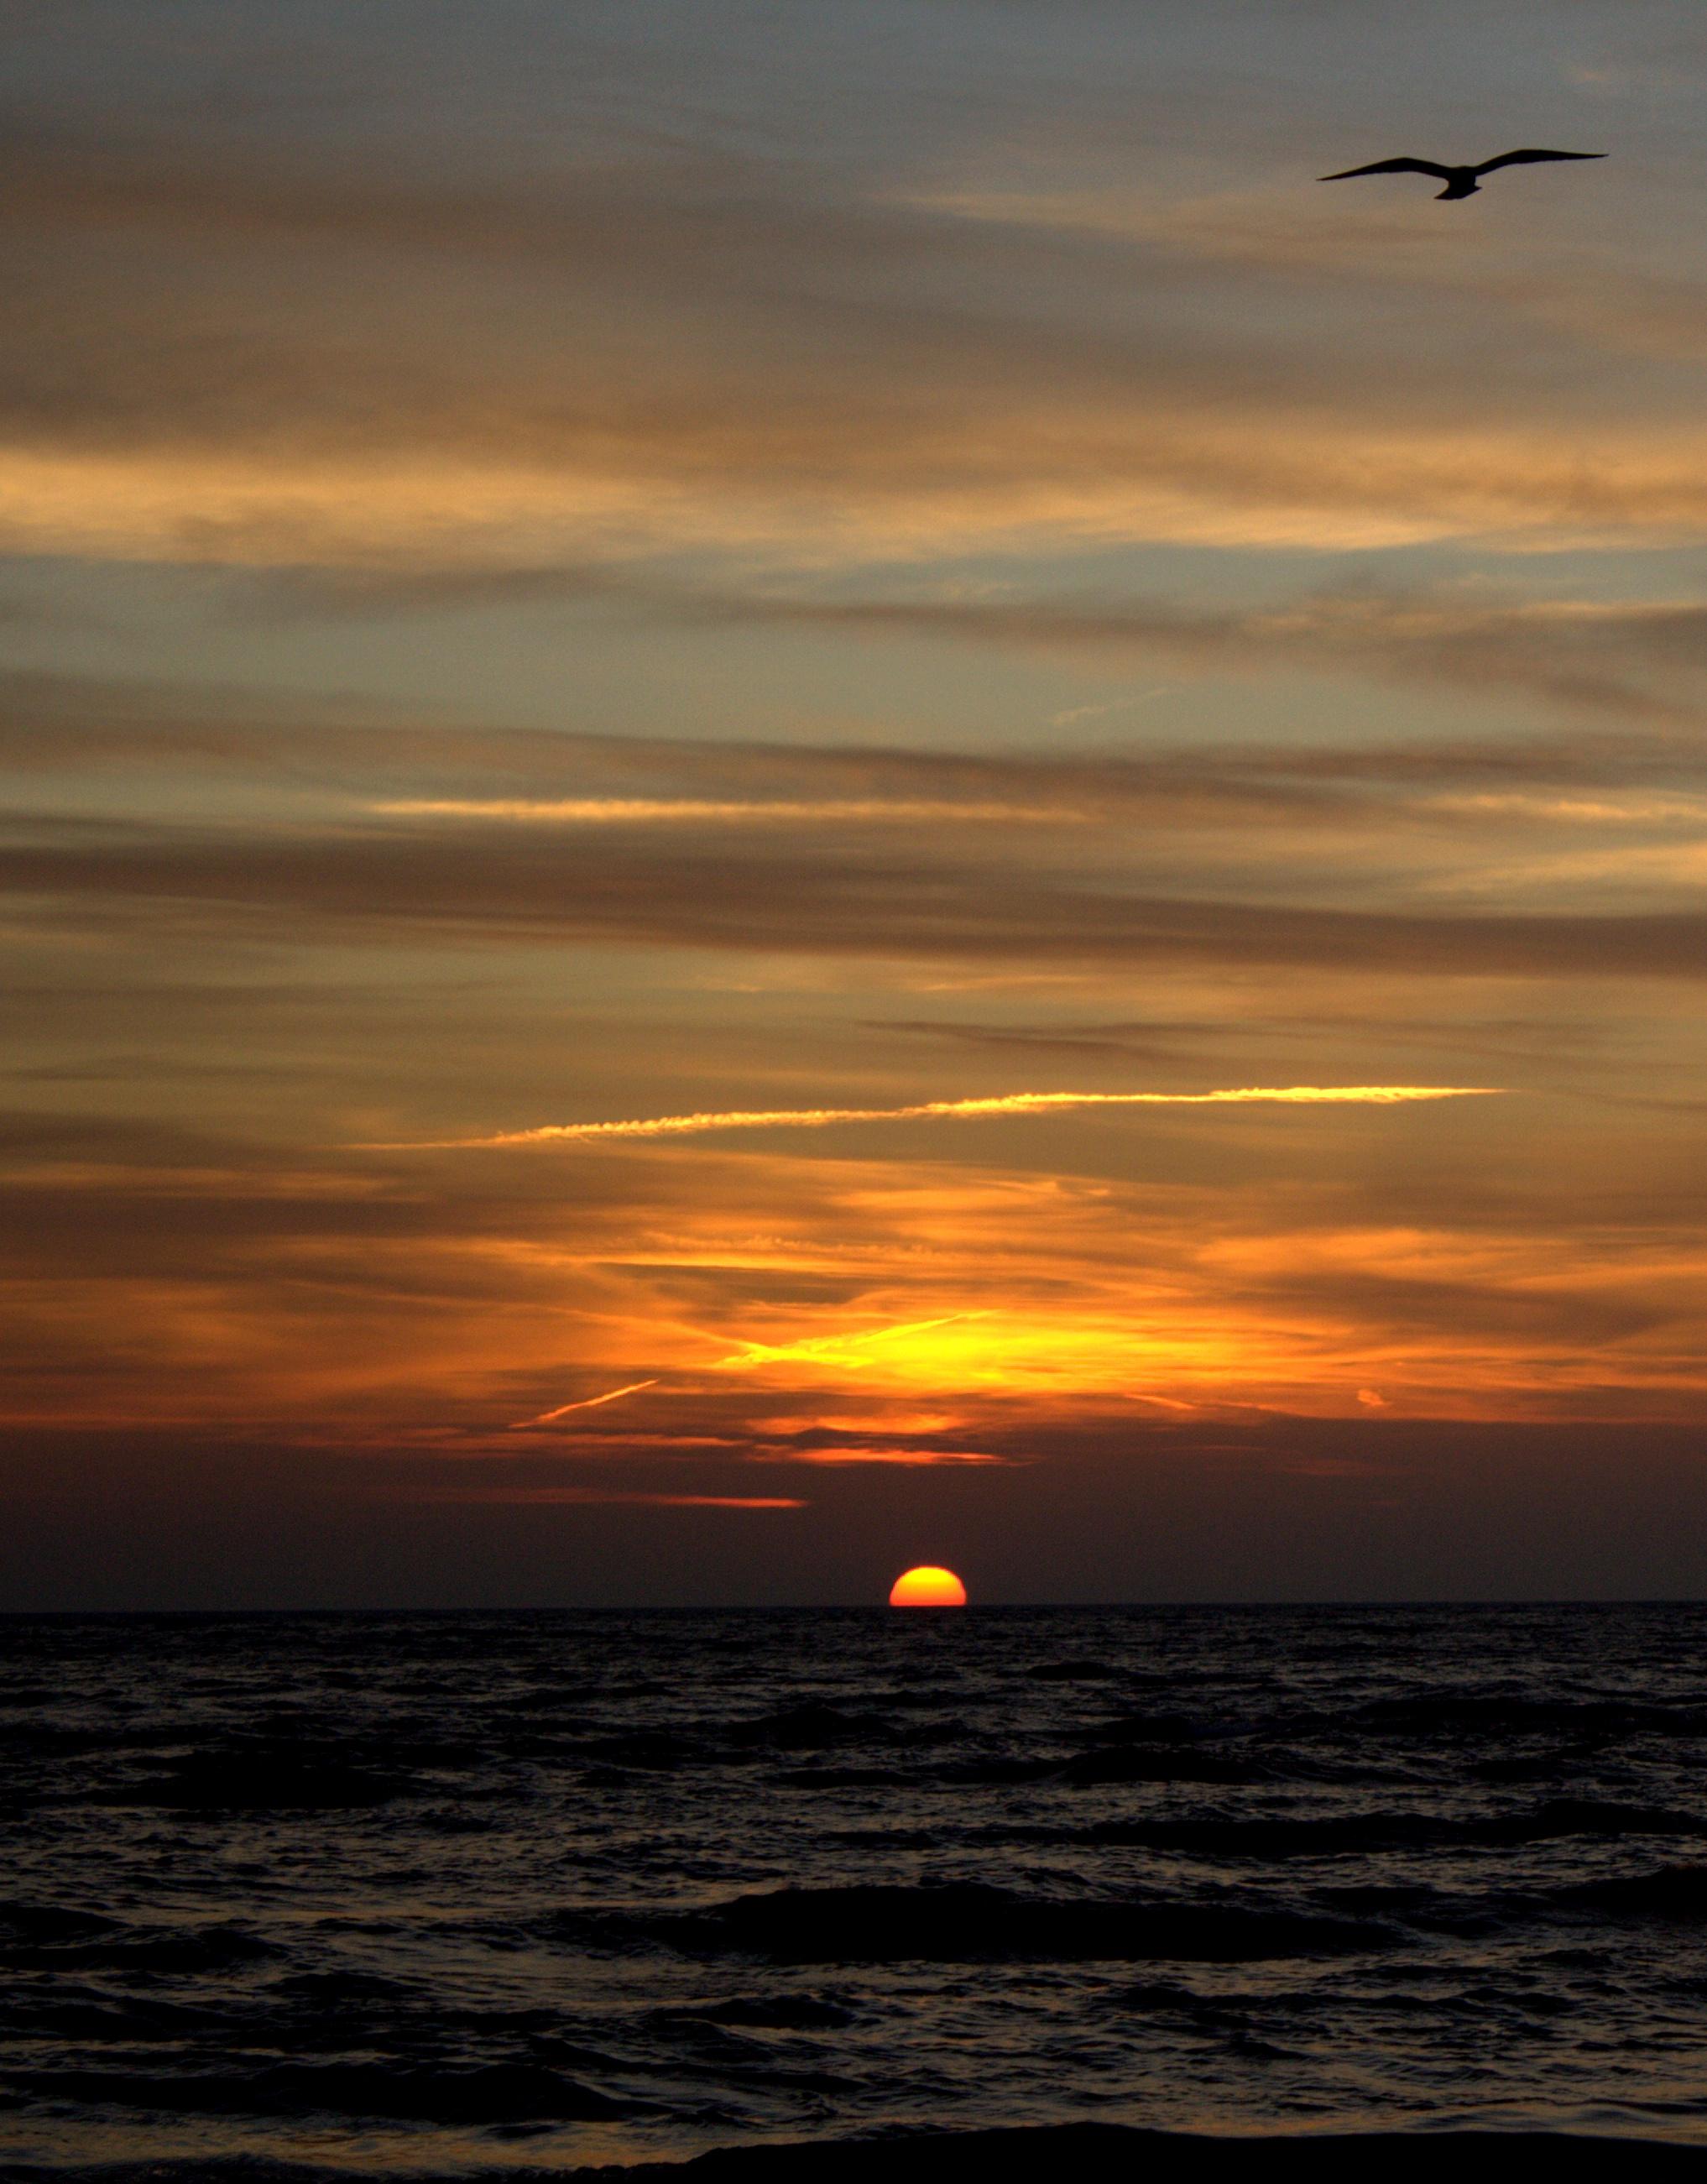 sunrise bird.jpg